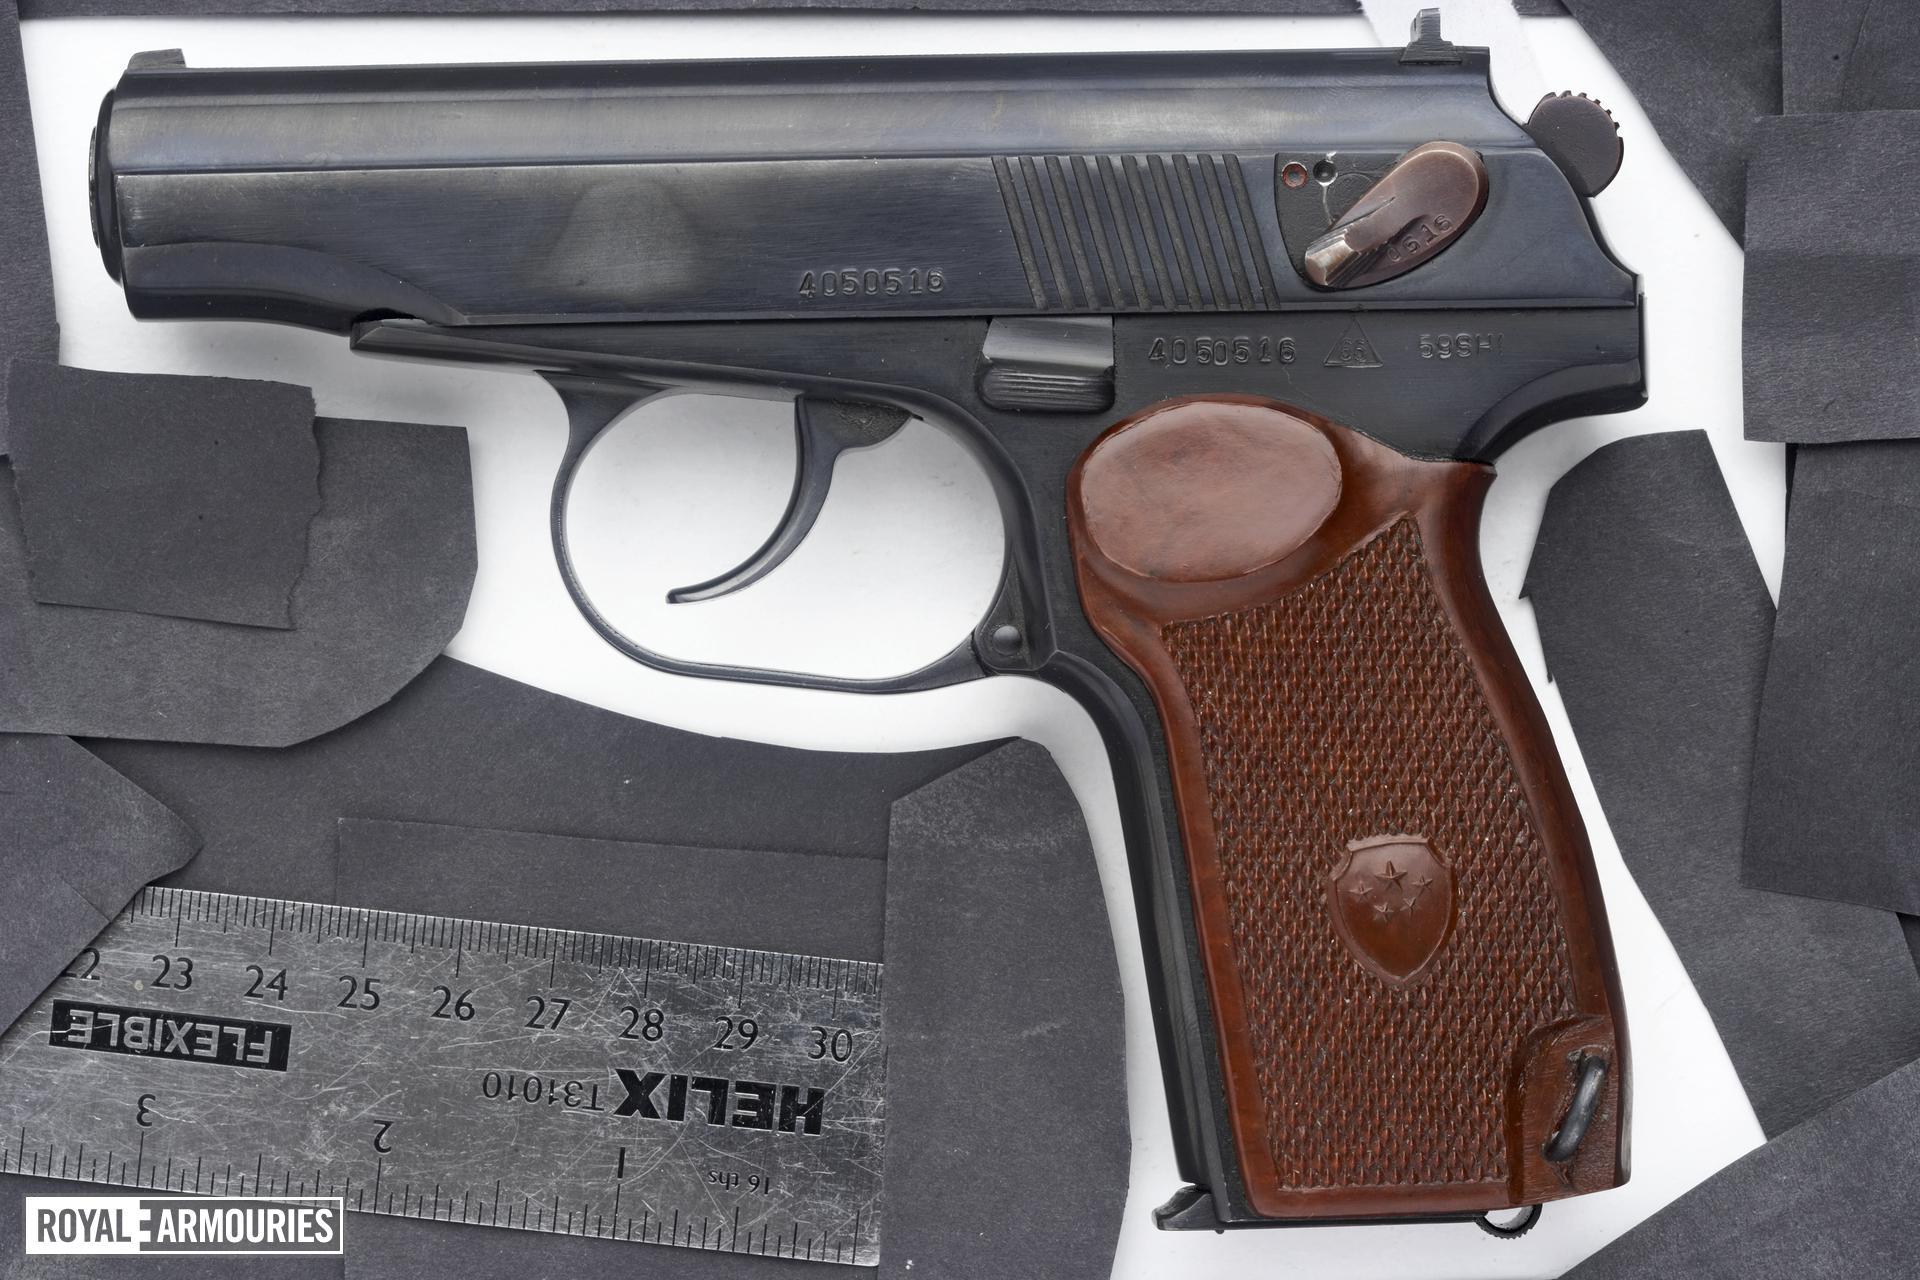 Centrefire self-loading pistol - Makarov Type 59